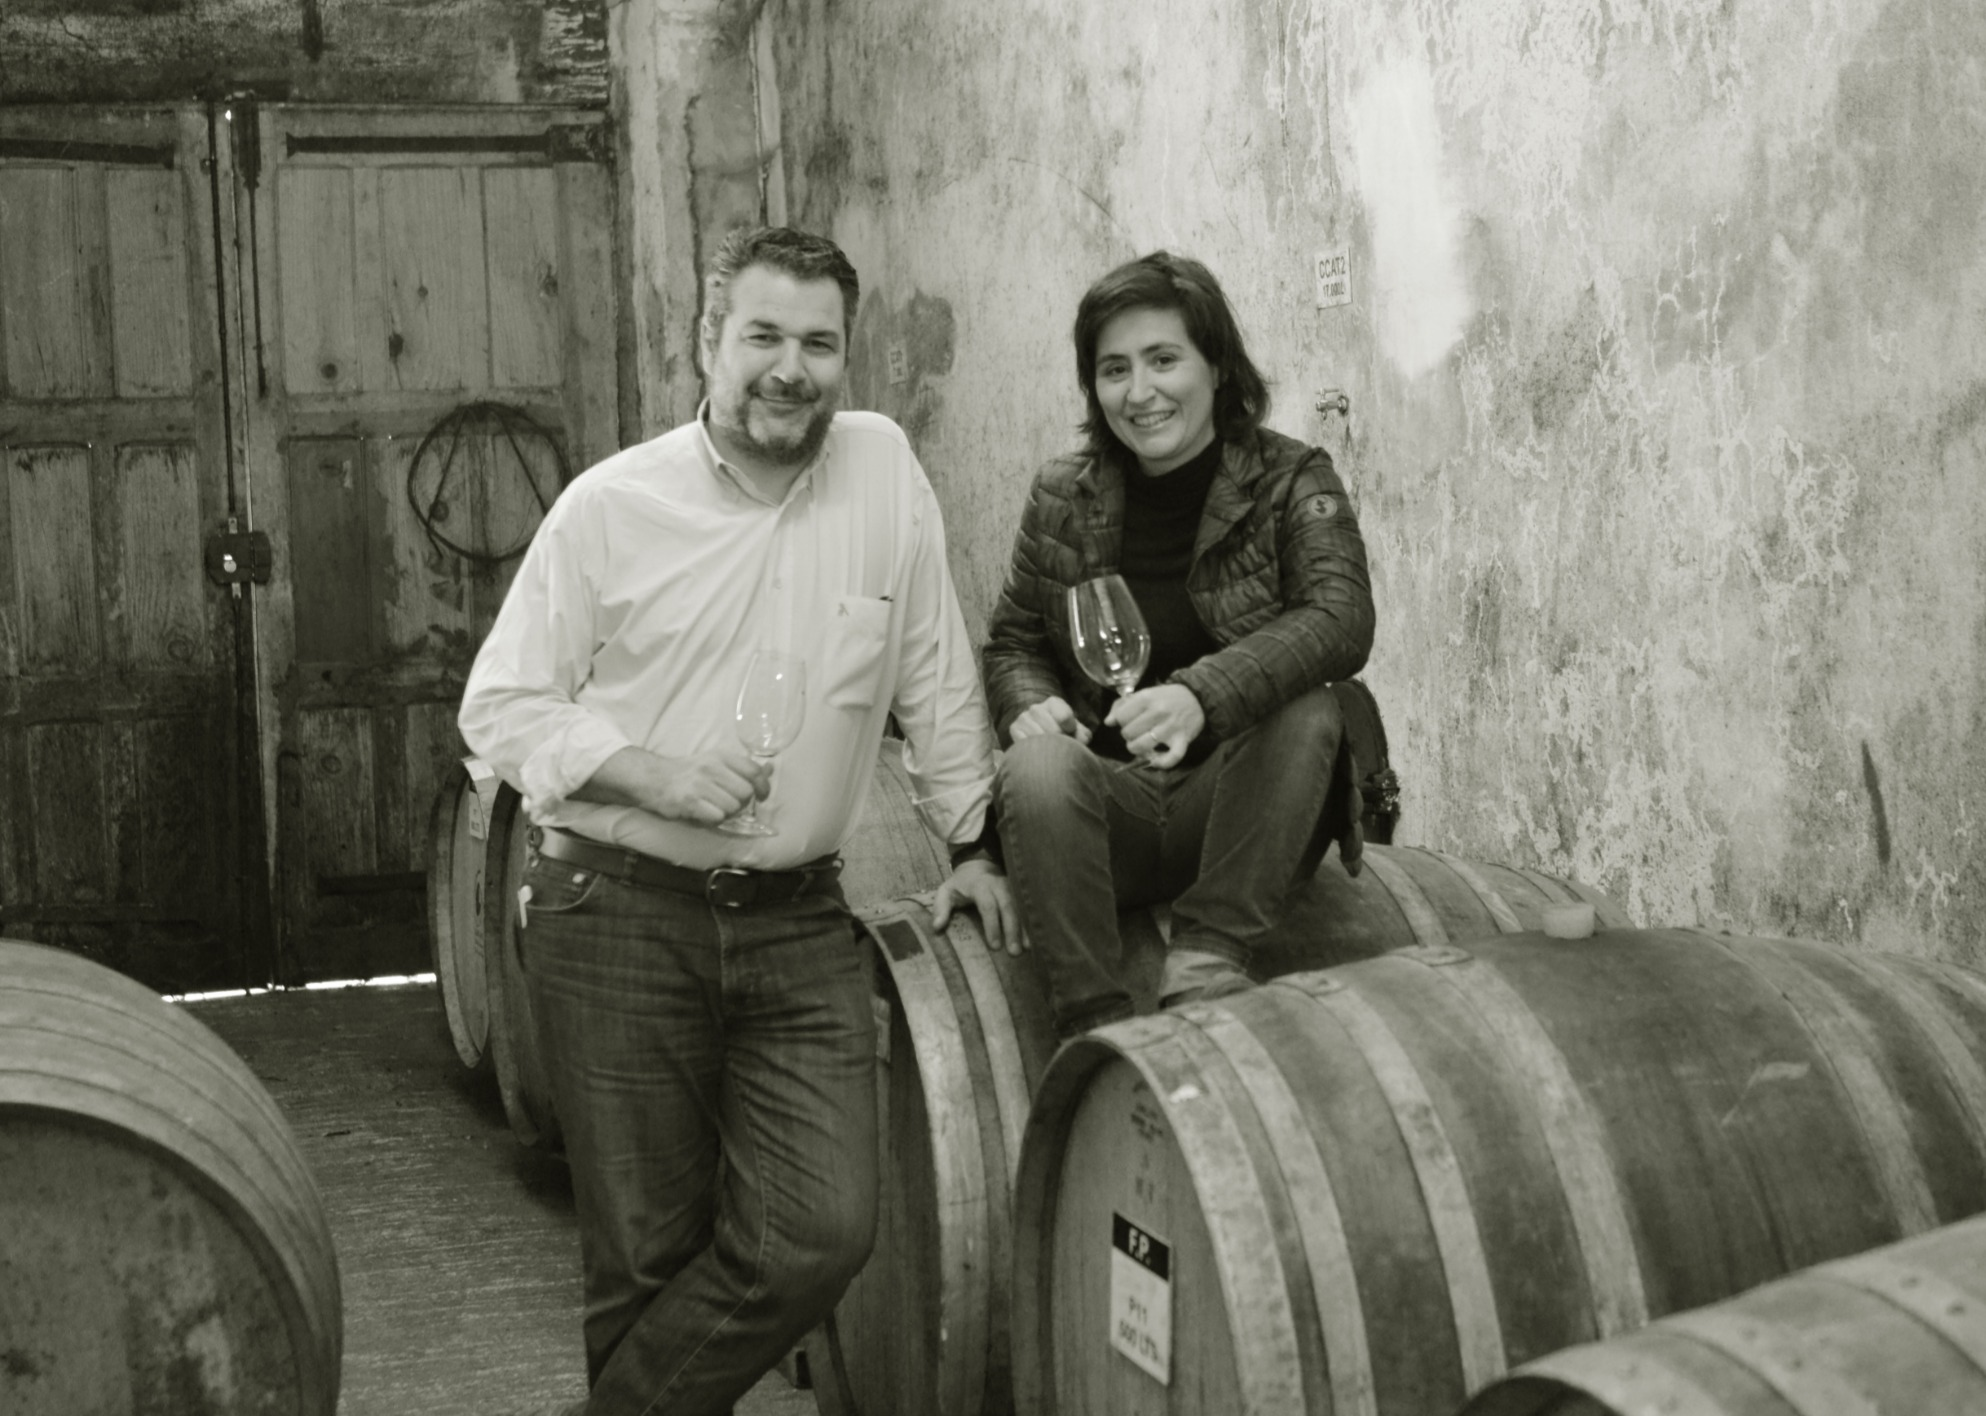 William Wouters & Filipa Pato